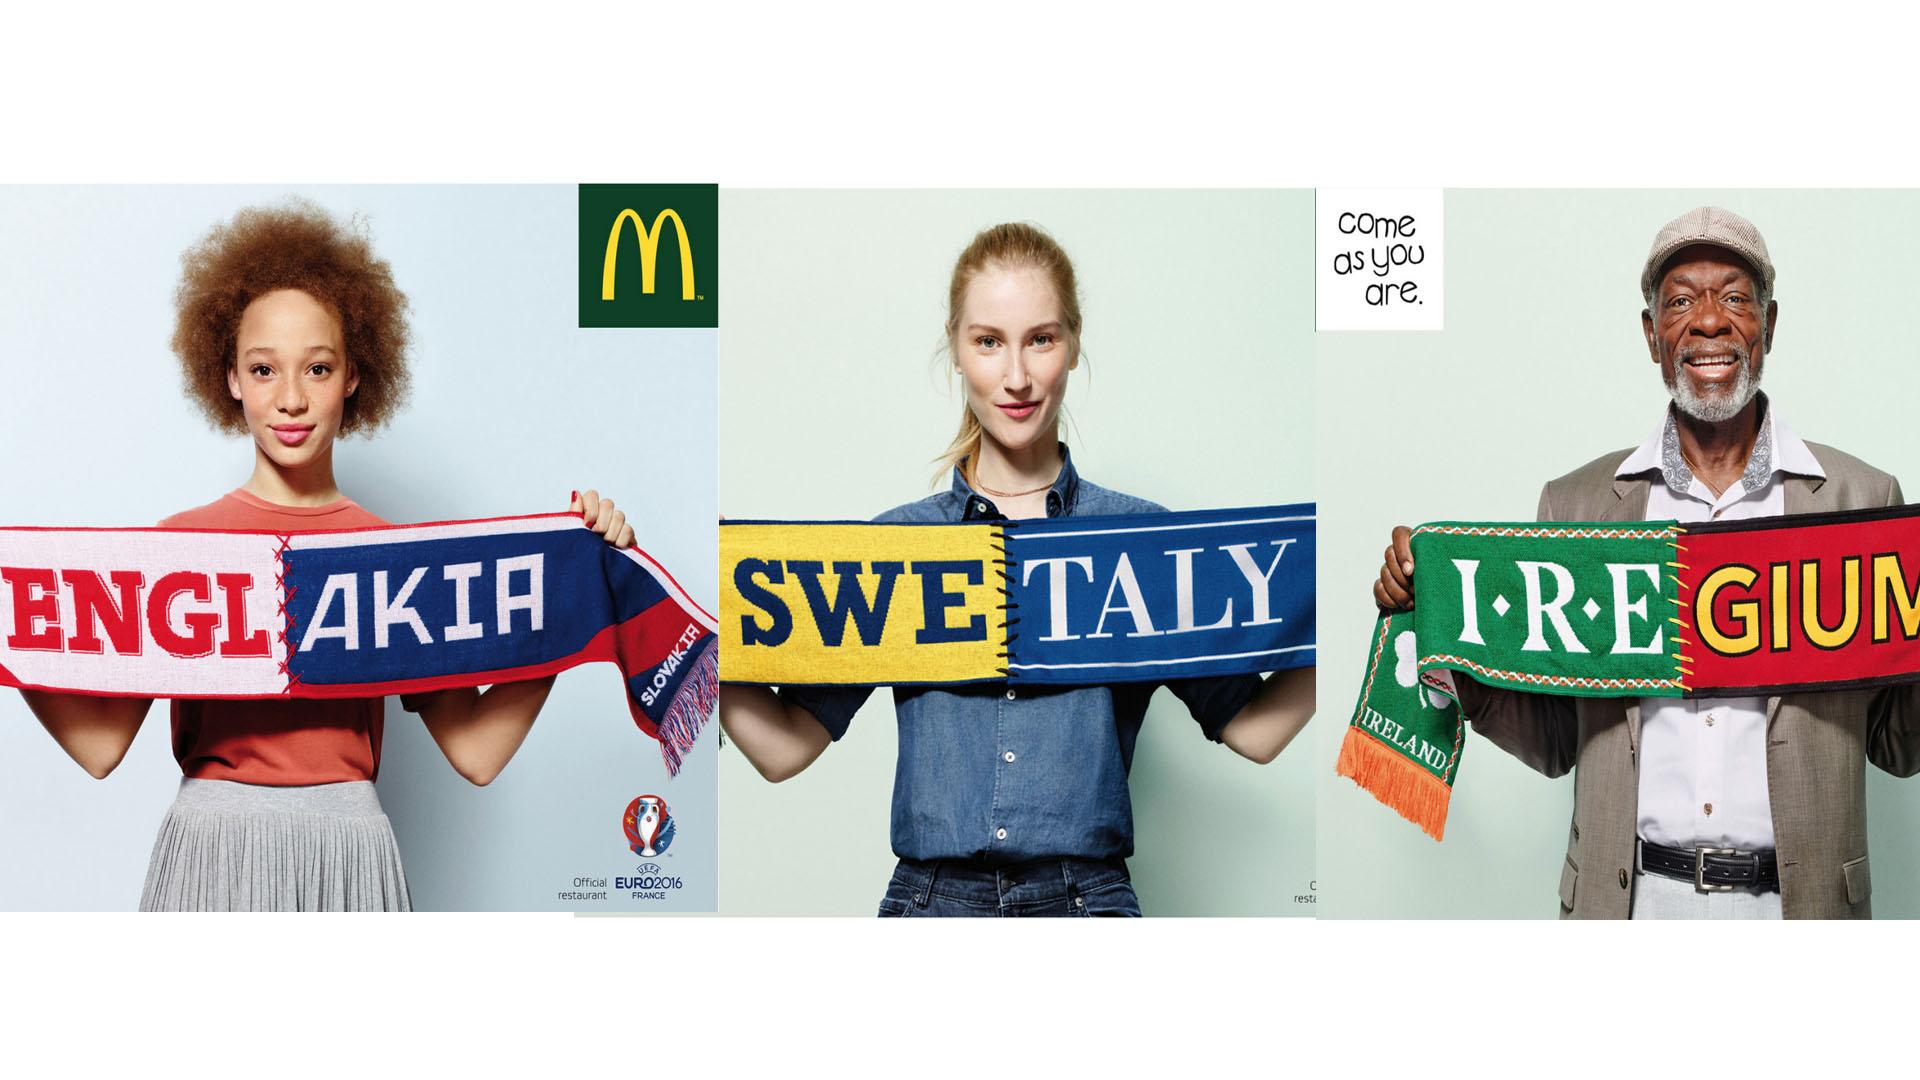 La marca de comida rápida quiere disminuir los hechos violentos que se han presentado durante la Eurocopa en Francia